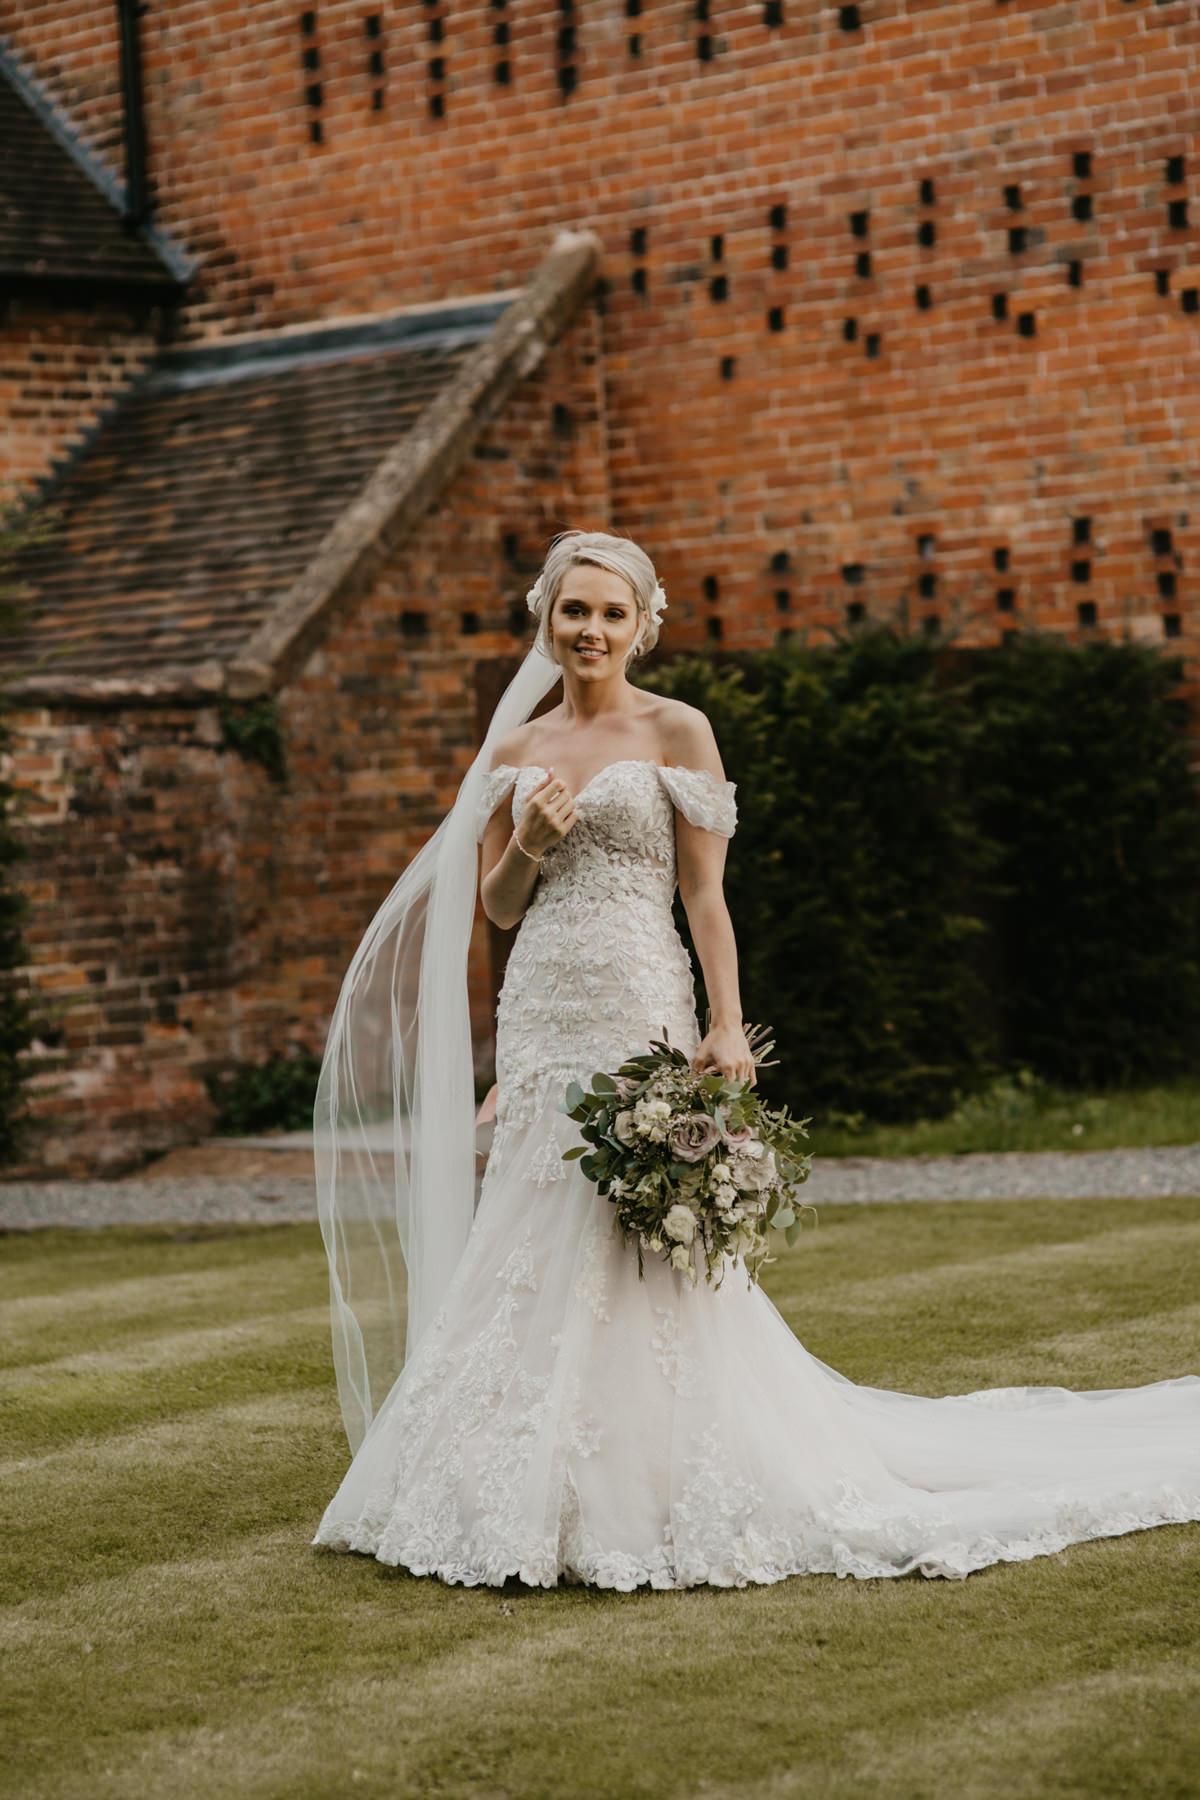 Shustoke Barn wedding portraits of bride